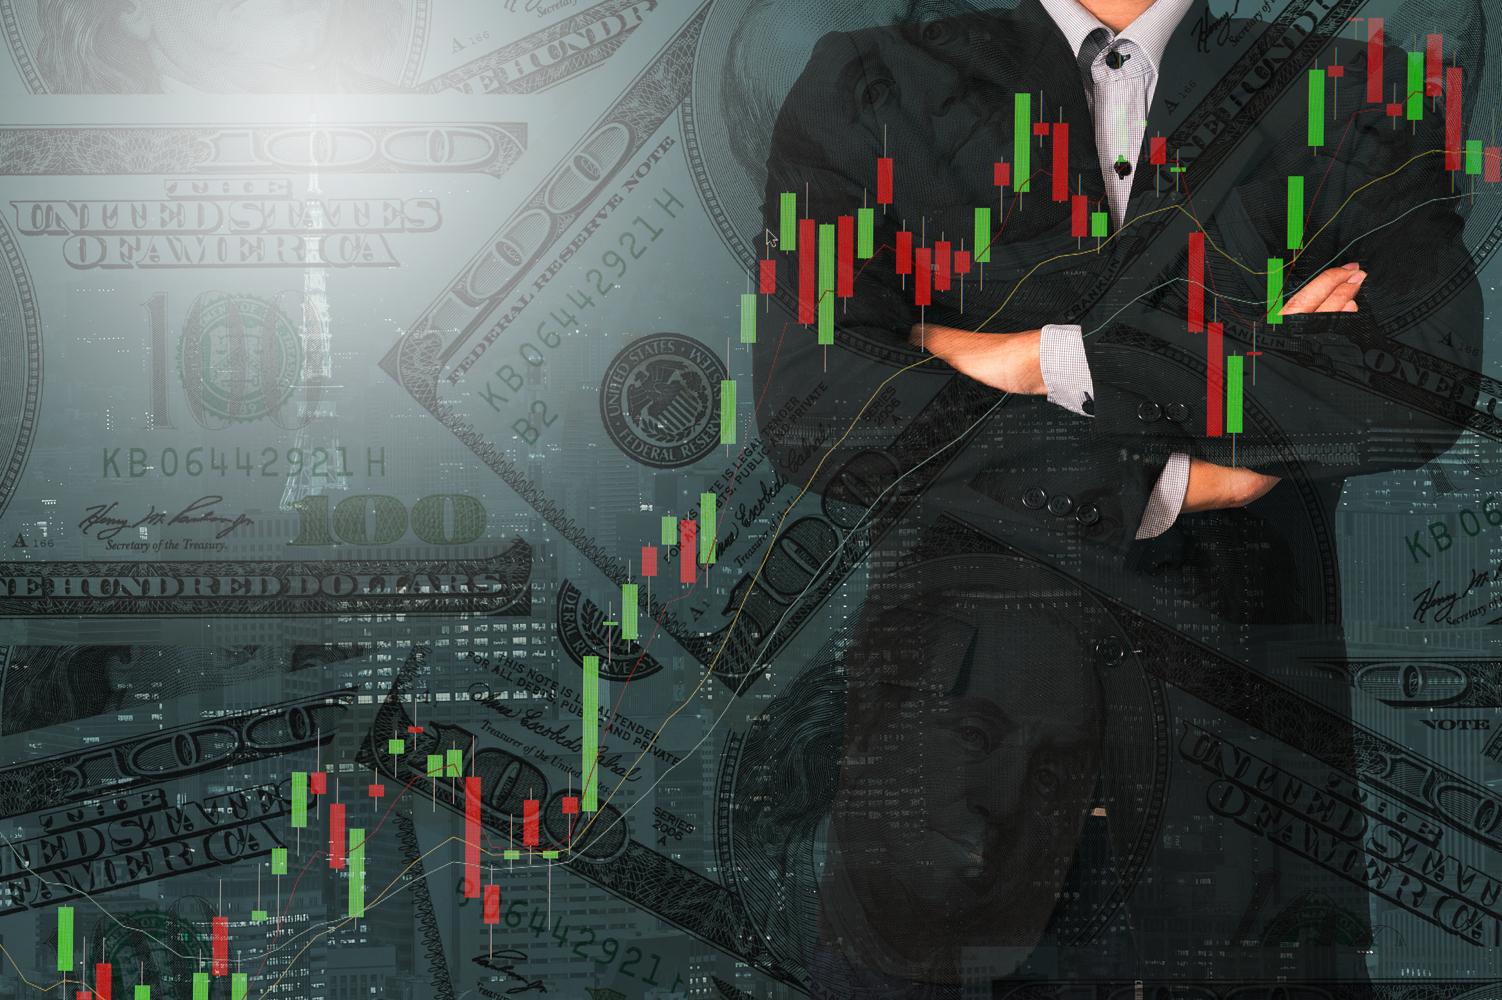 retragerea de fonduri cu opțiuni binare q opton Ofer câștiguri rapide